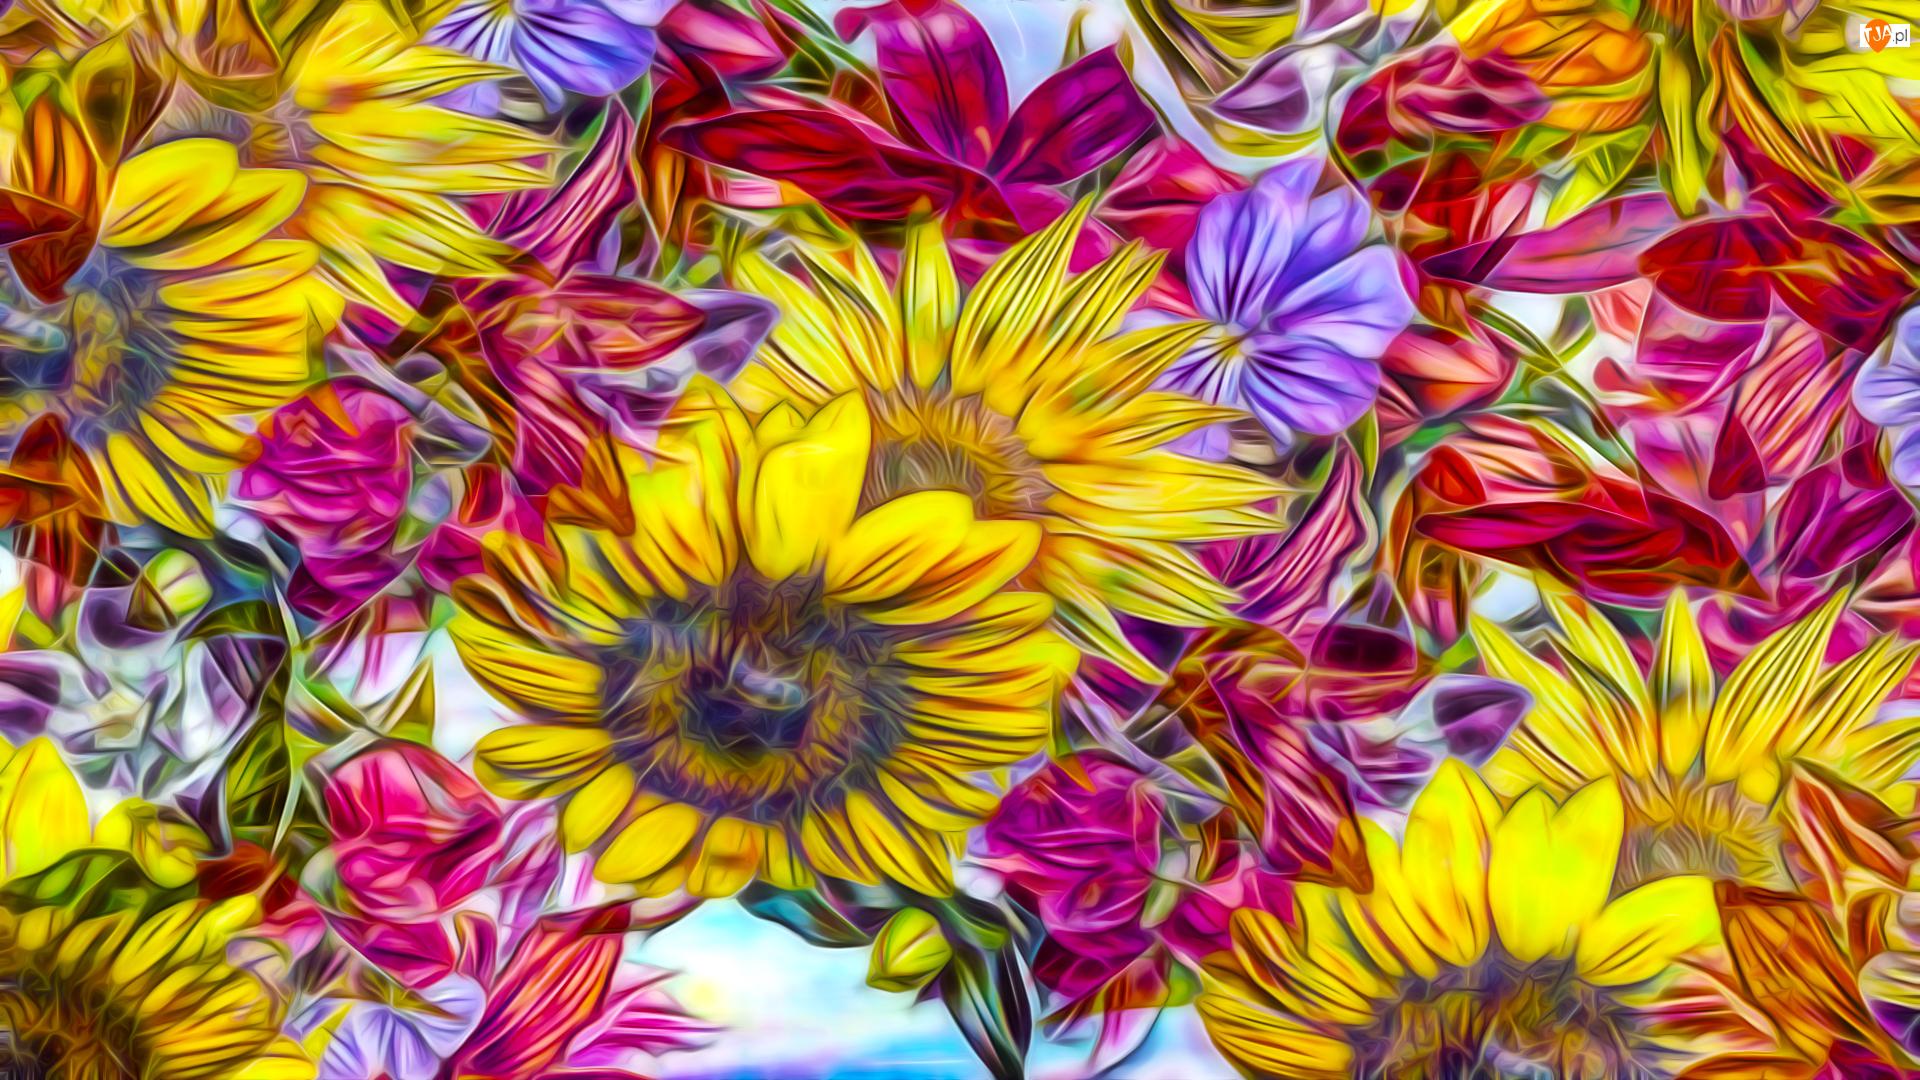 Kwiaty, Fractalius, Kolorowe